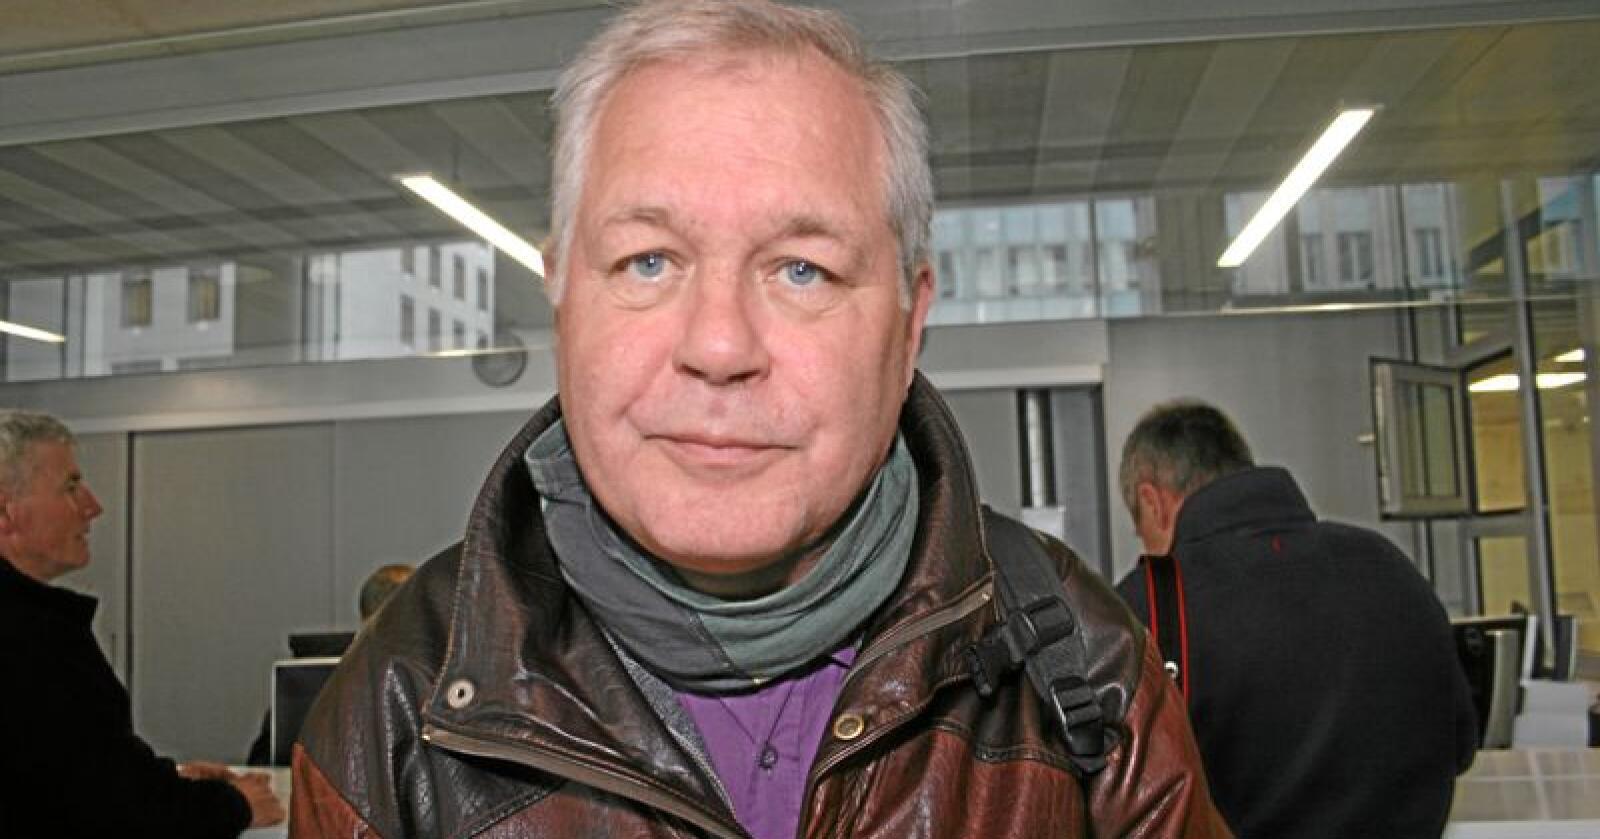 Neste års jordbruksforhandlinger blir den siste for John Petter Løvstad, assisterende generalsekretær i Norsk Bonde og Småbrukarlag.